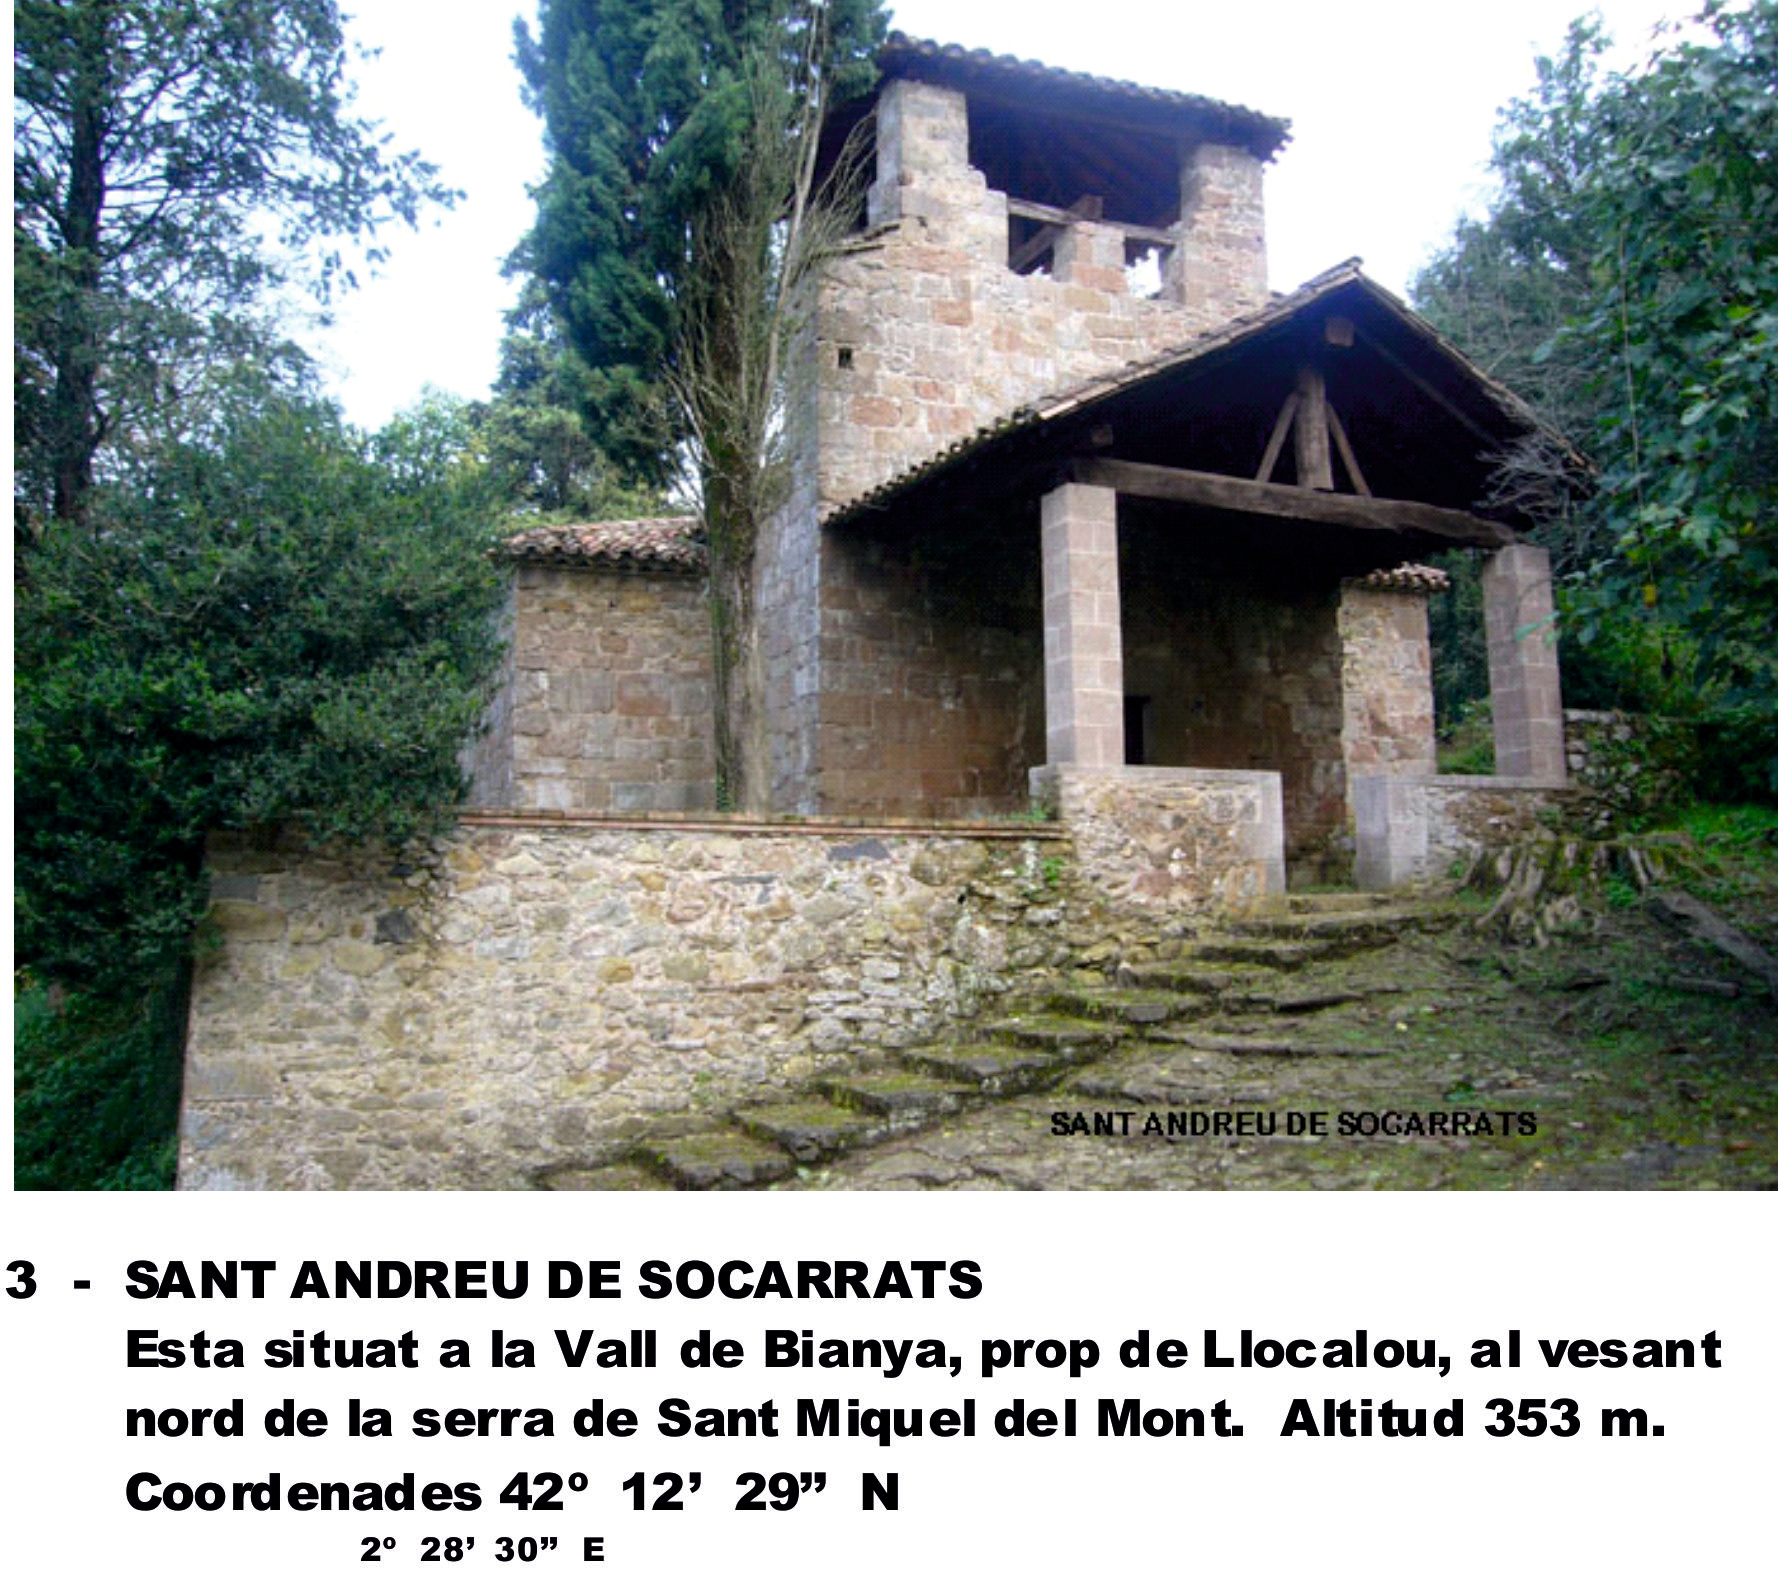 3  -  SANT ANDREU DE SOCARRATS